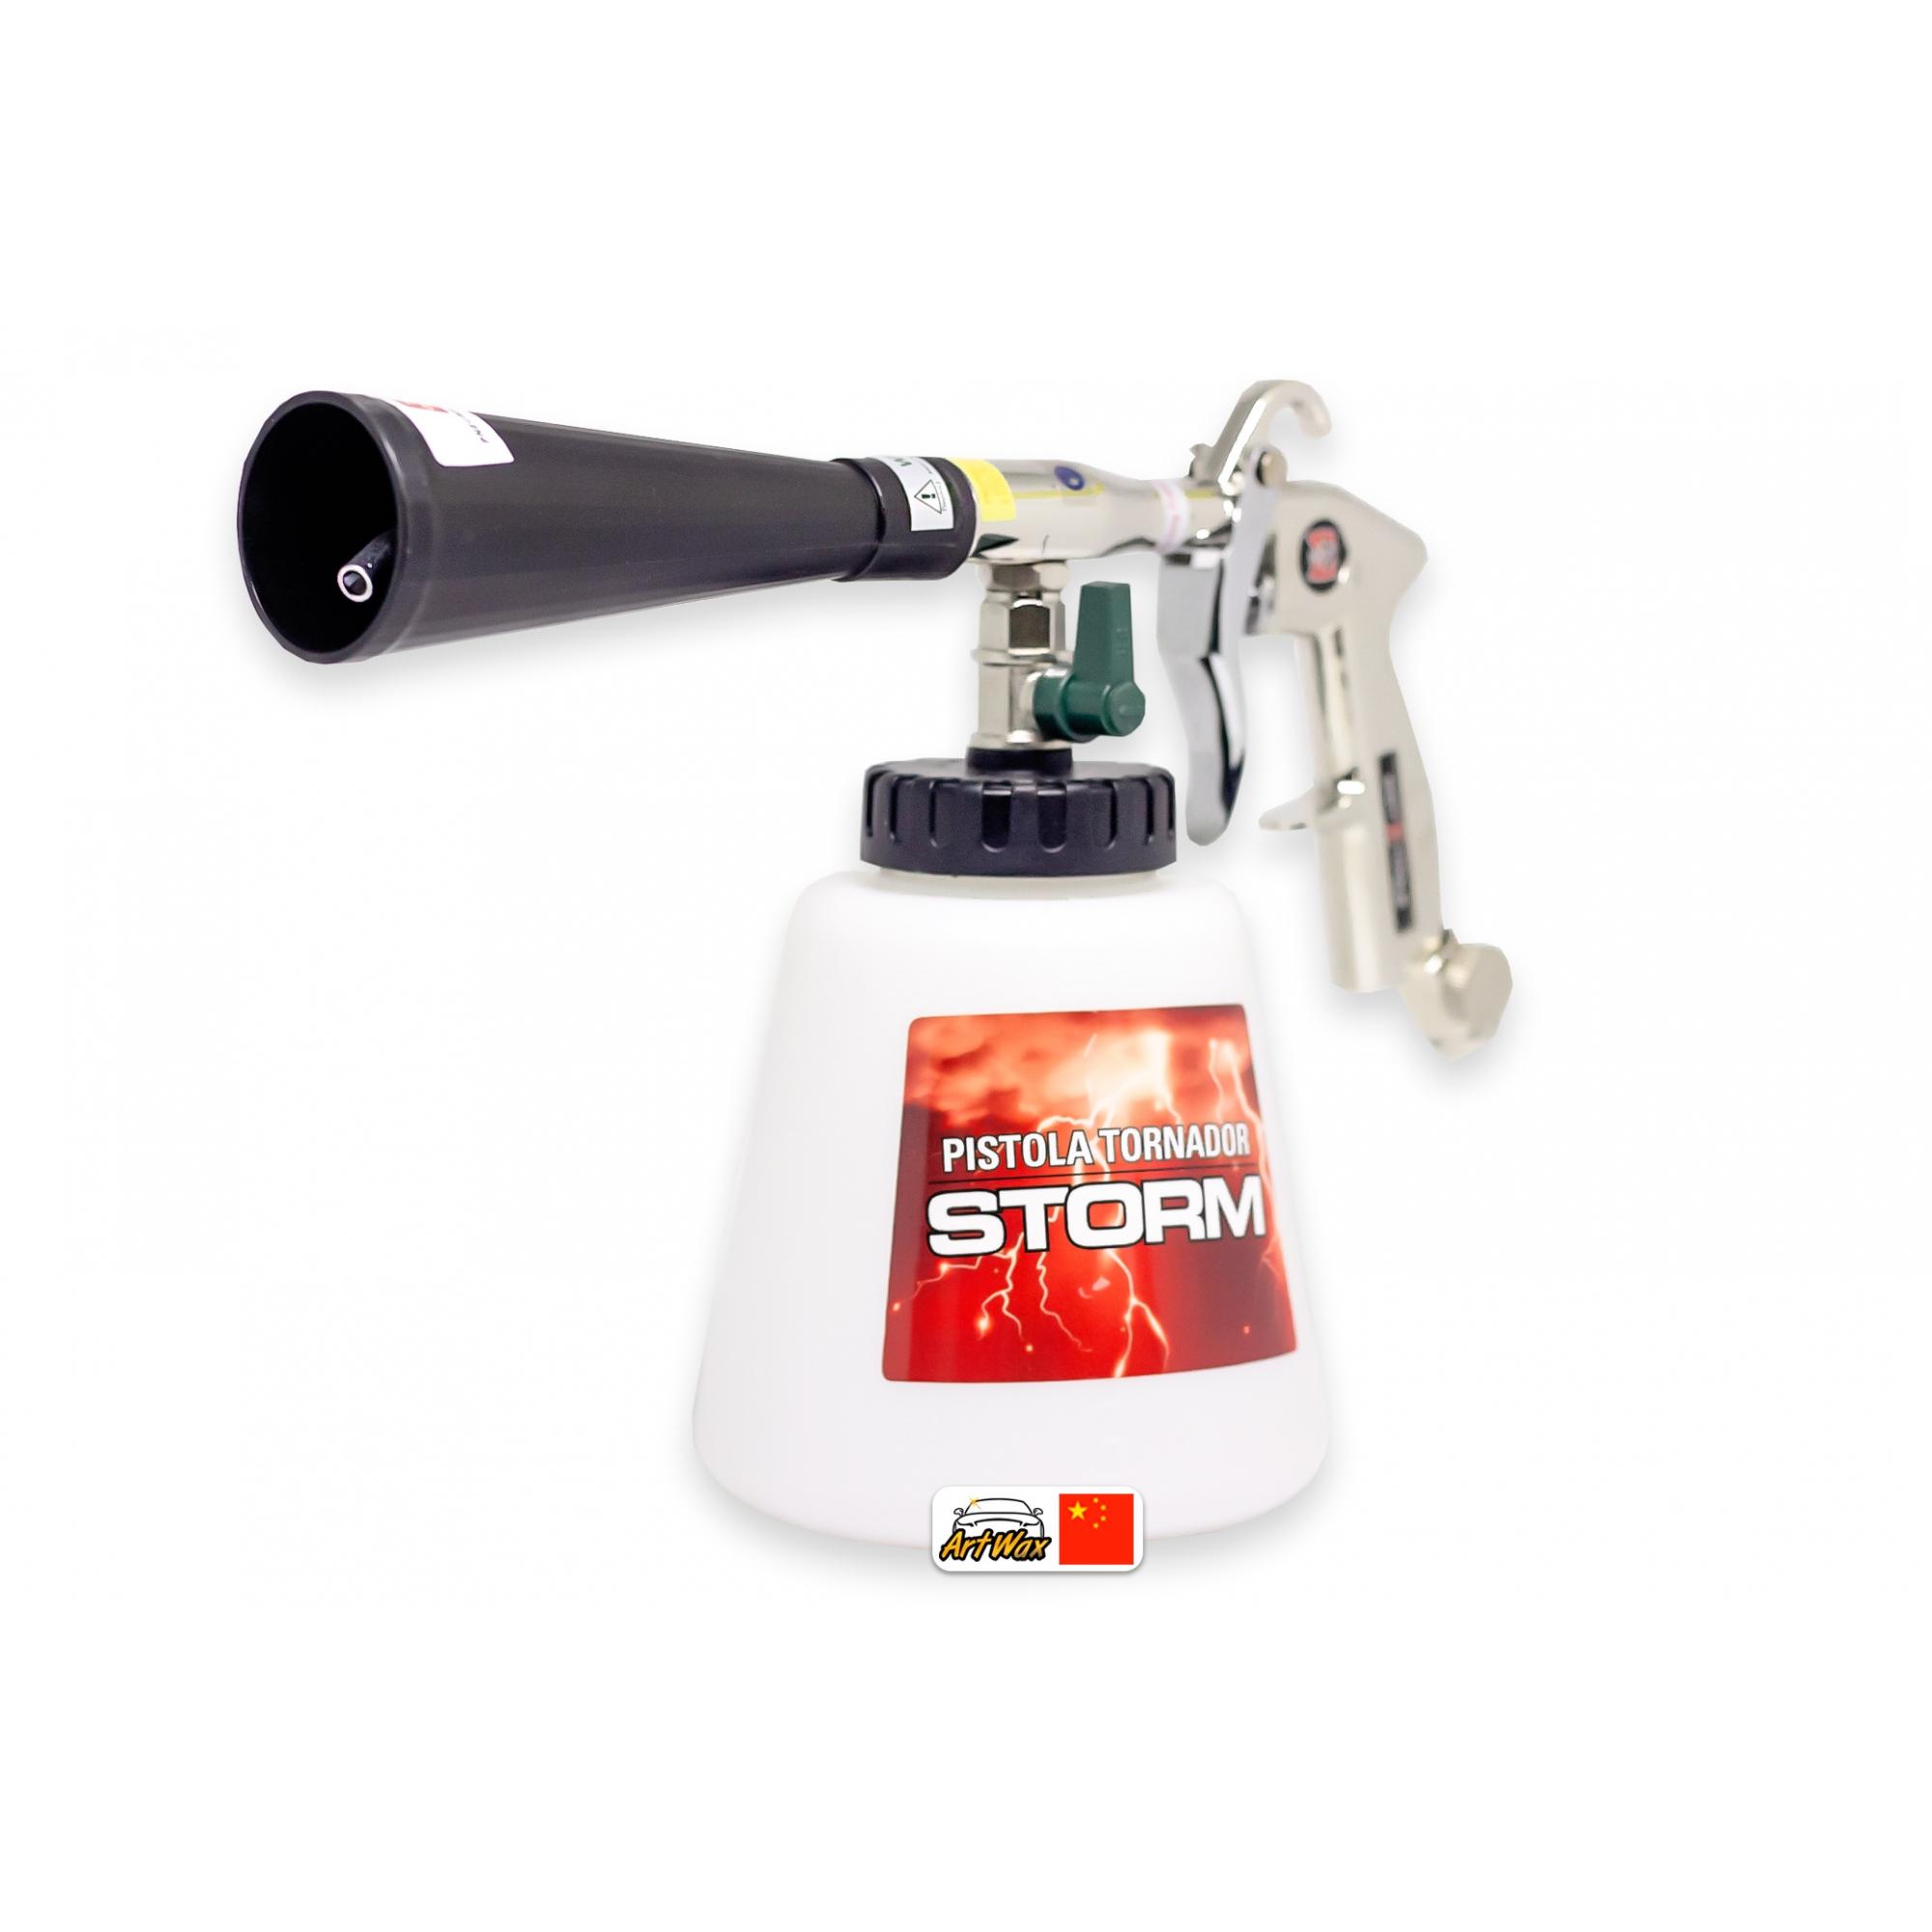 Pistola Tornador de Limpeza Storm SGT 9915 Sigma Tools